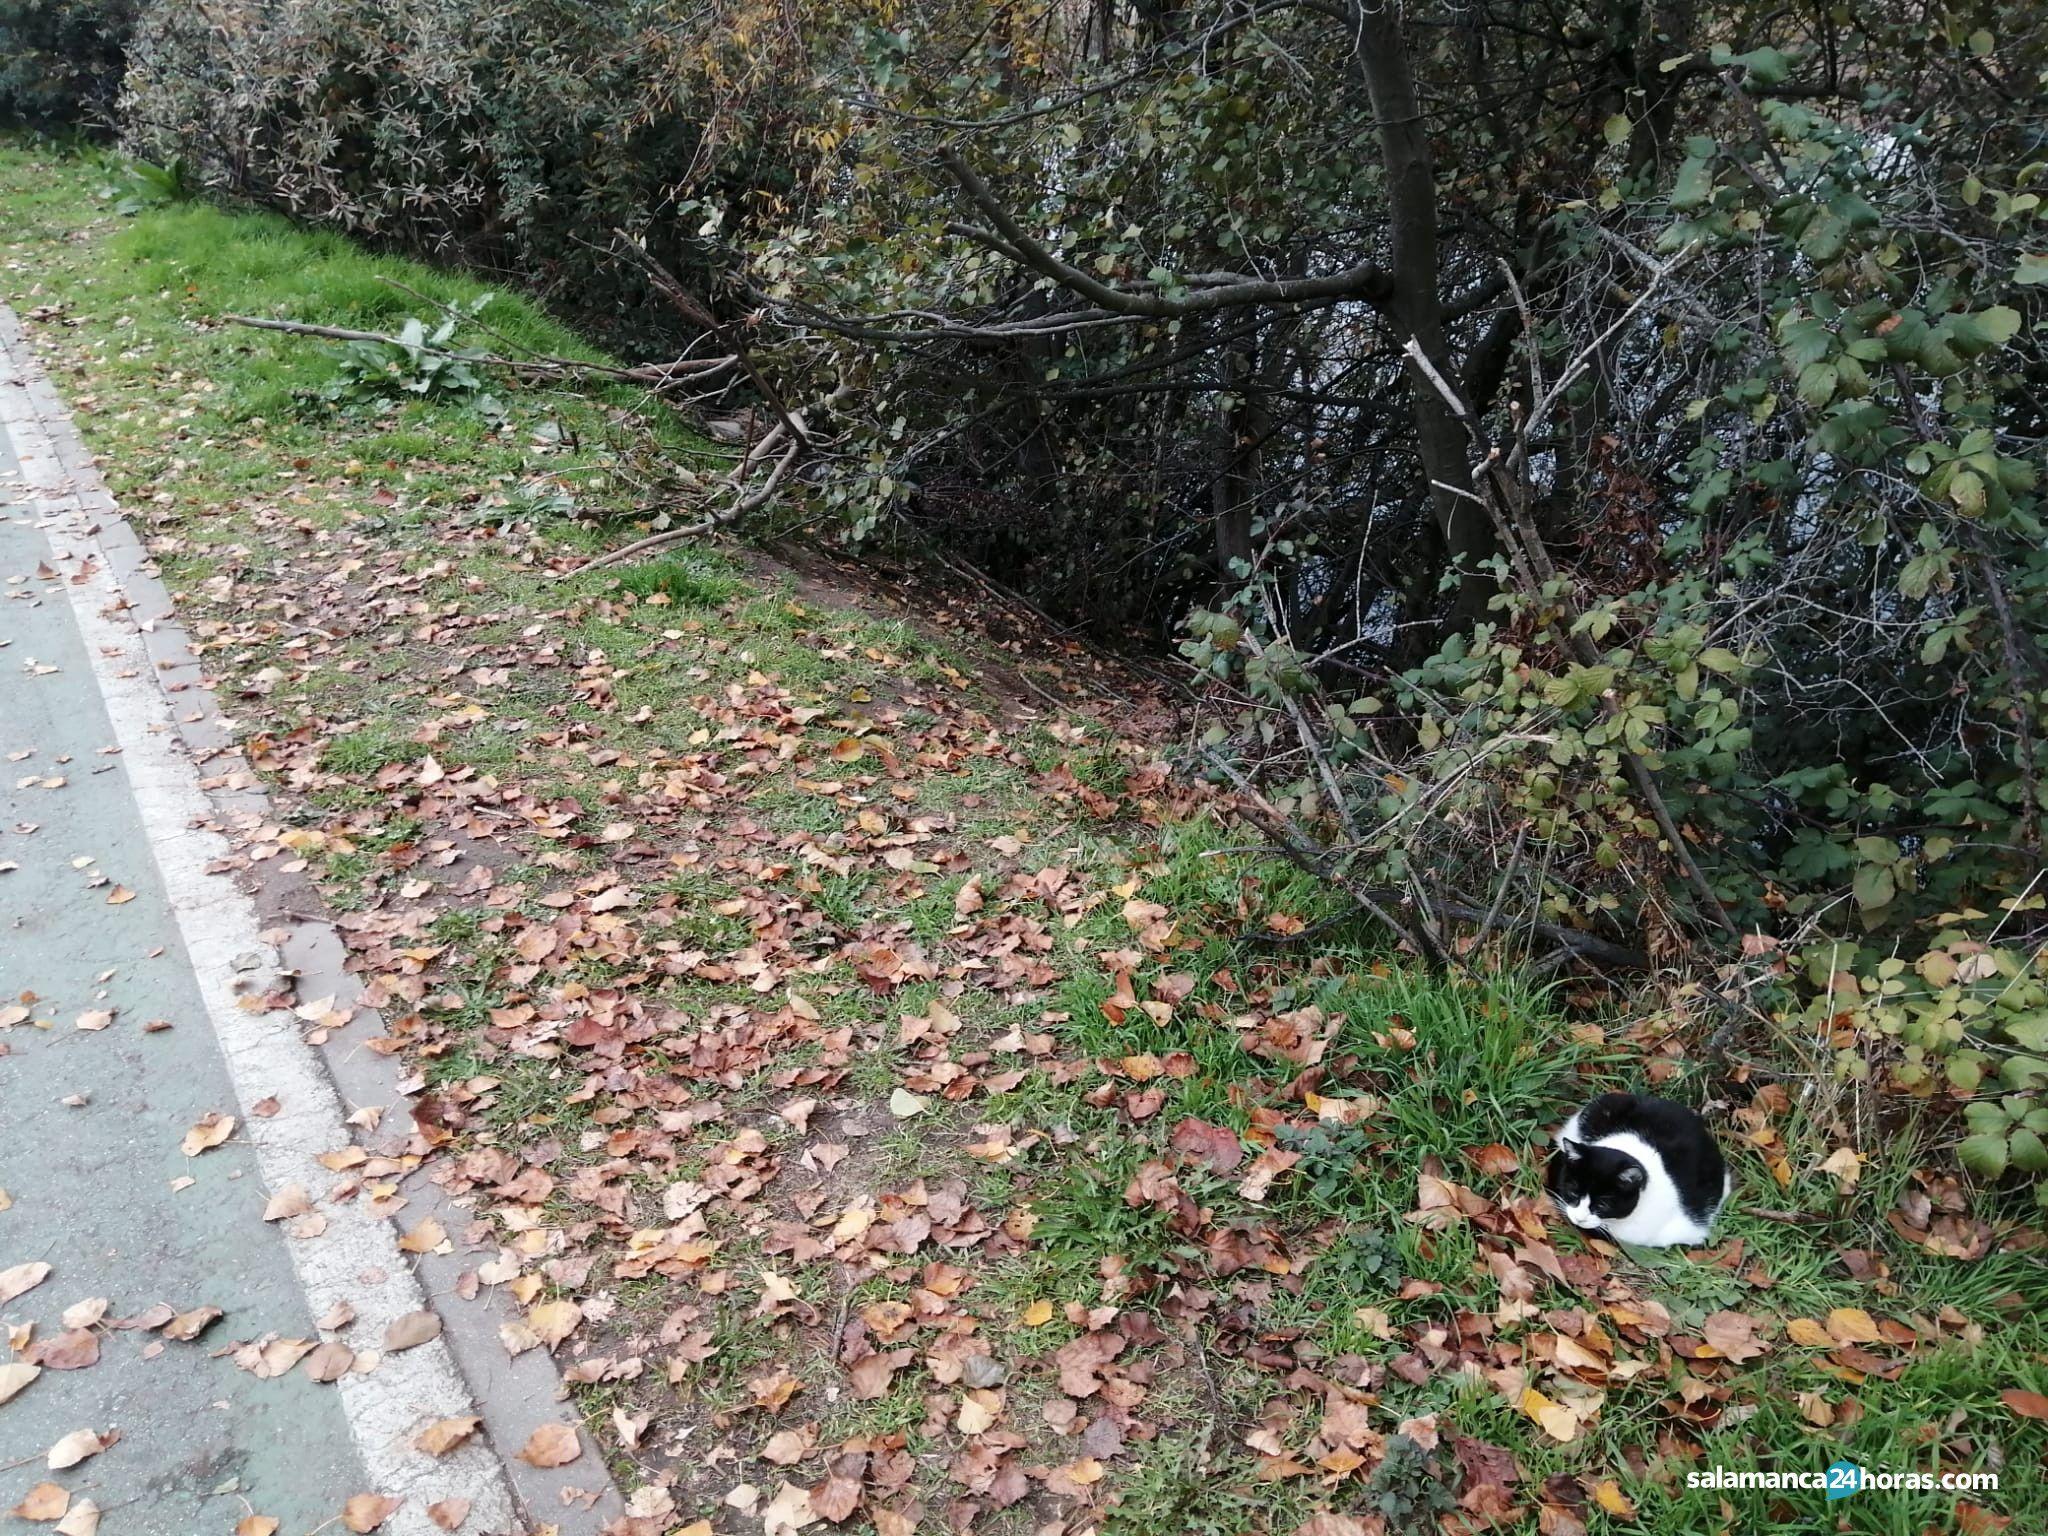 Colonia de gatos de la Vía Helmántica río Tormes (13)